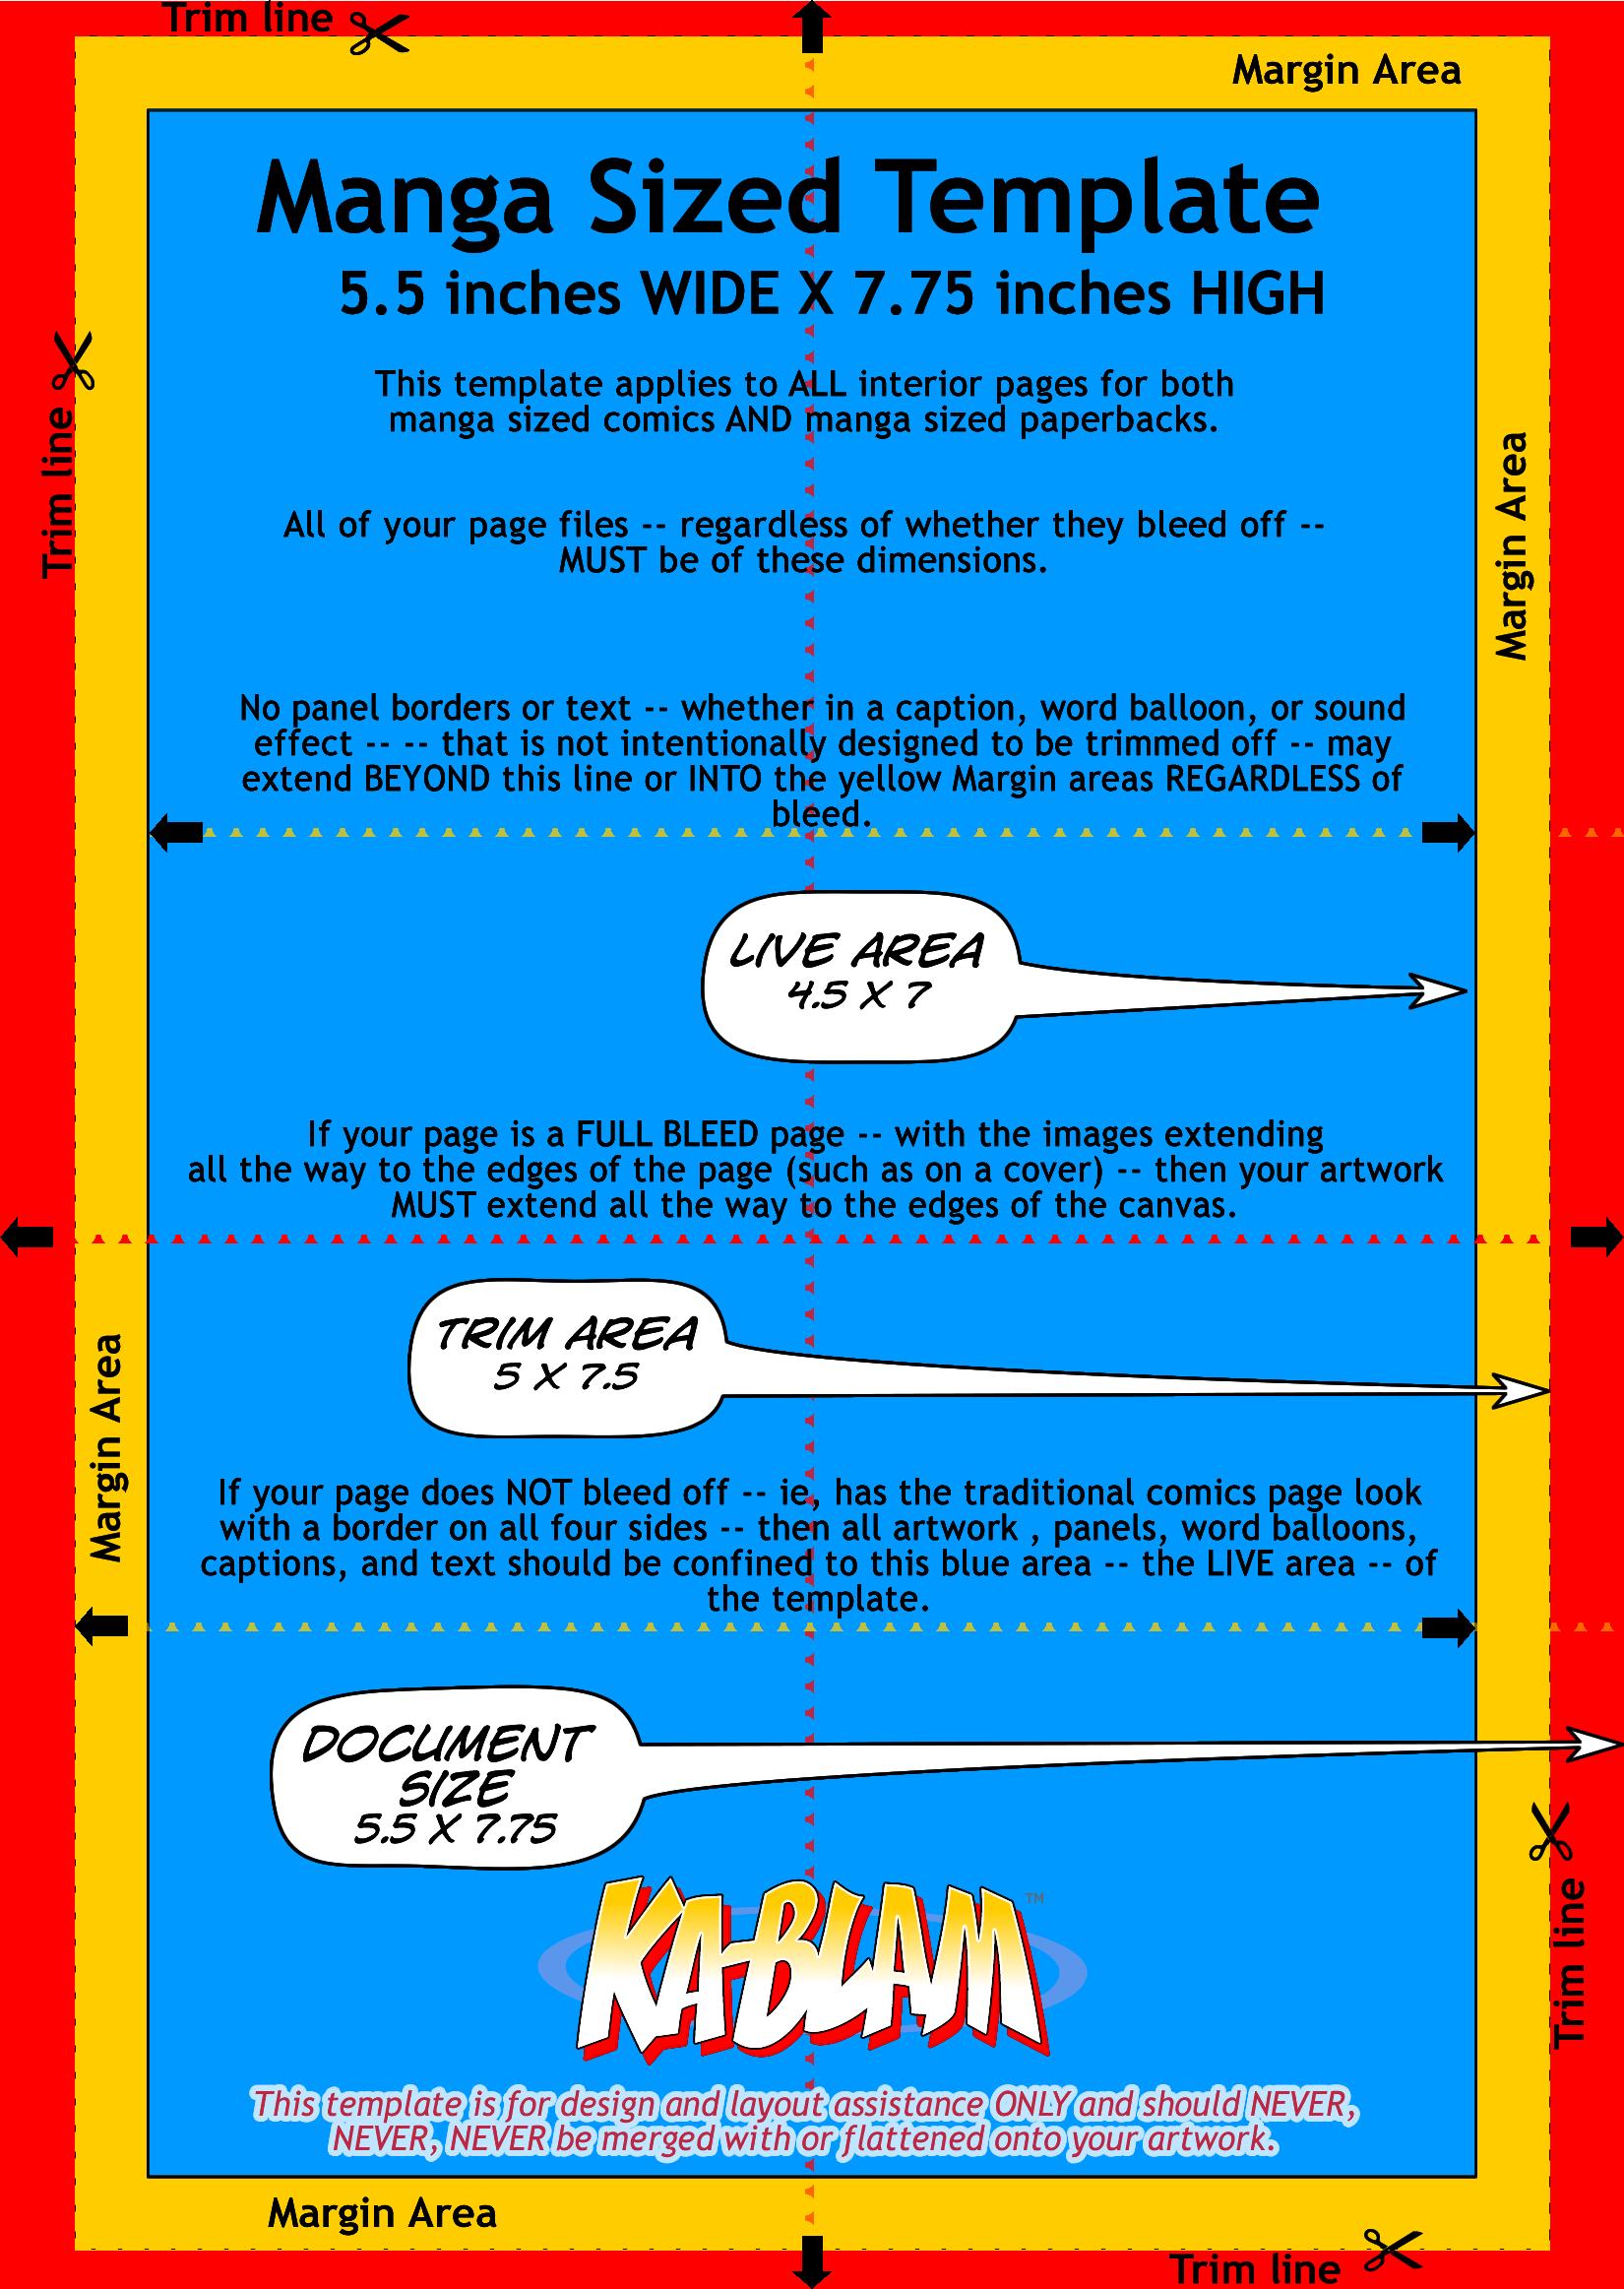 Manga Sized Page Template | Ka Blam Digital Printing